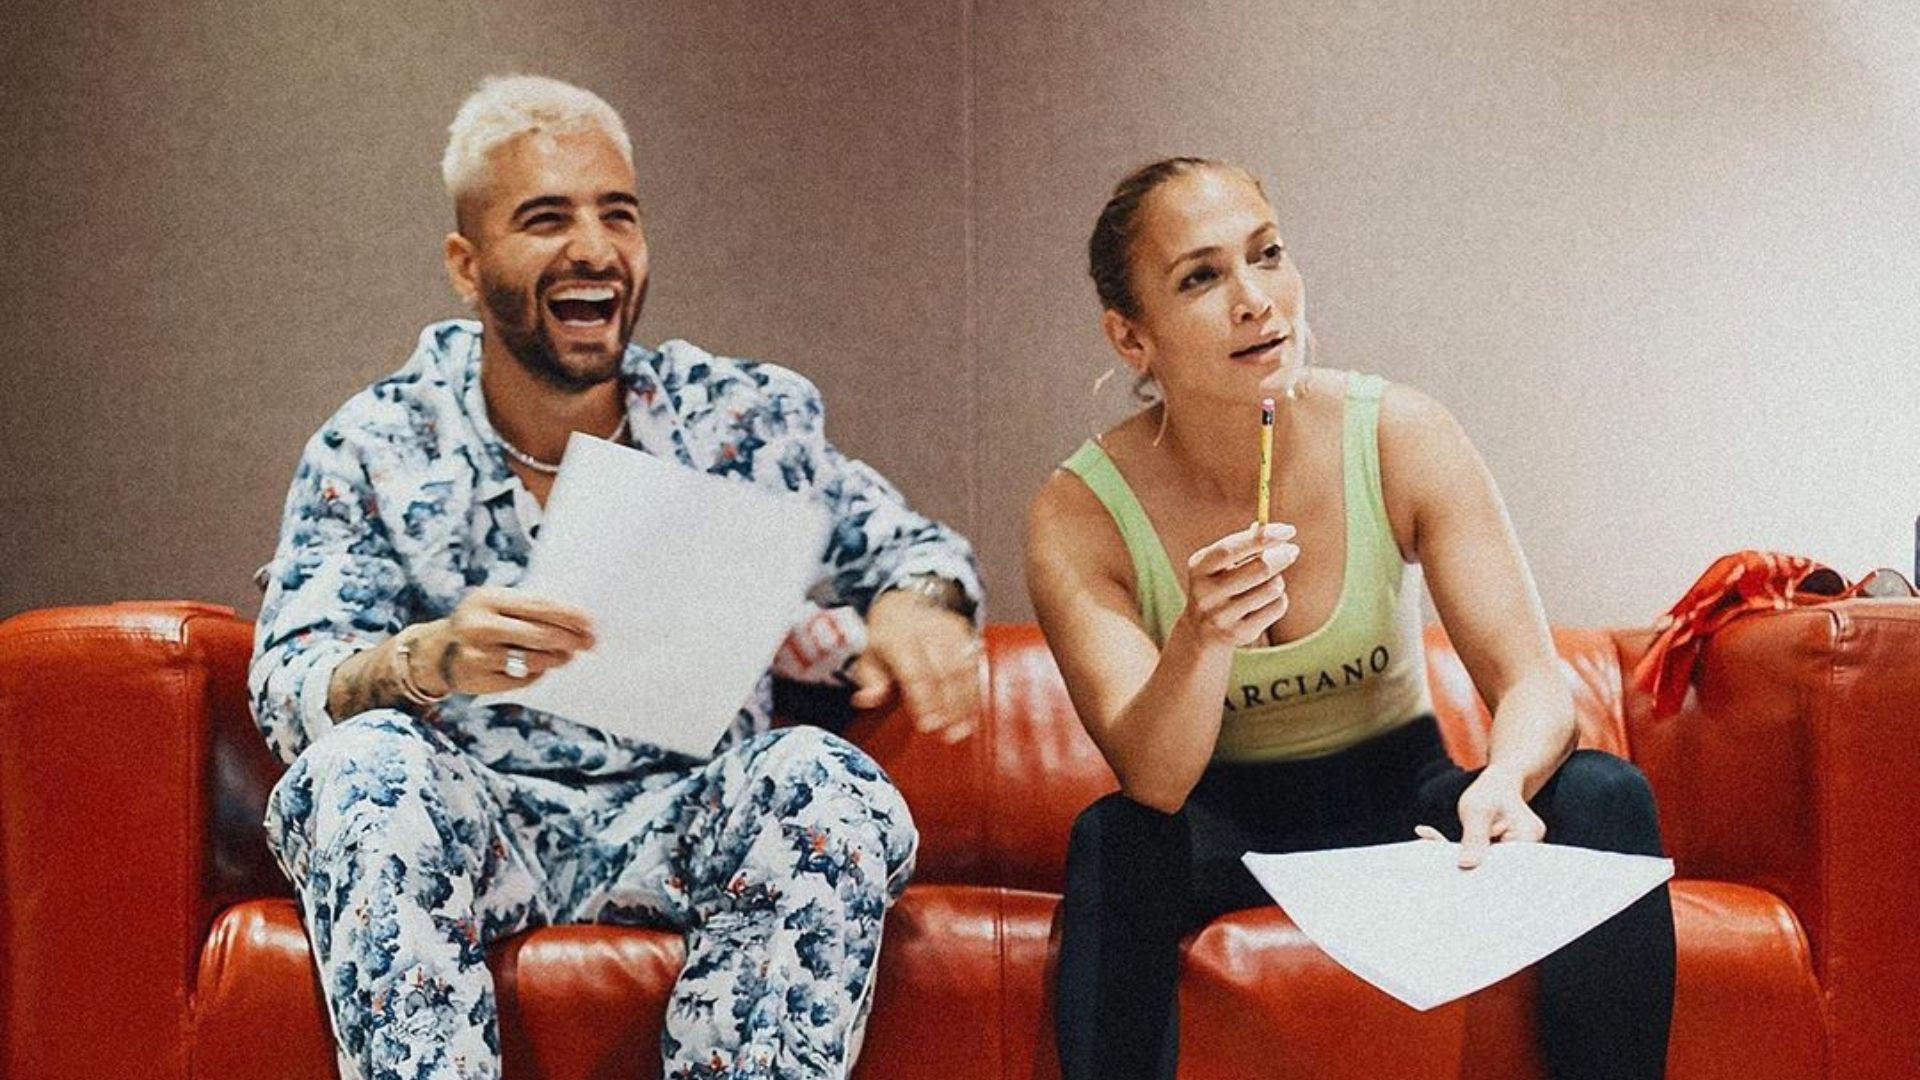 Novo filme com Jennifer Lopez e Maluma. Confira